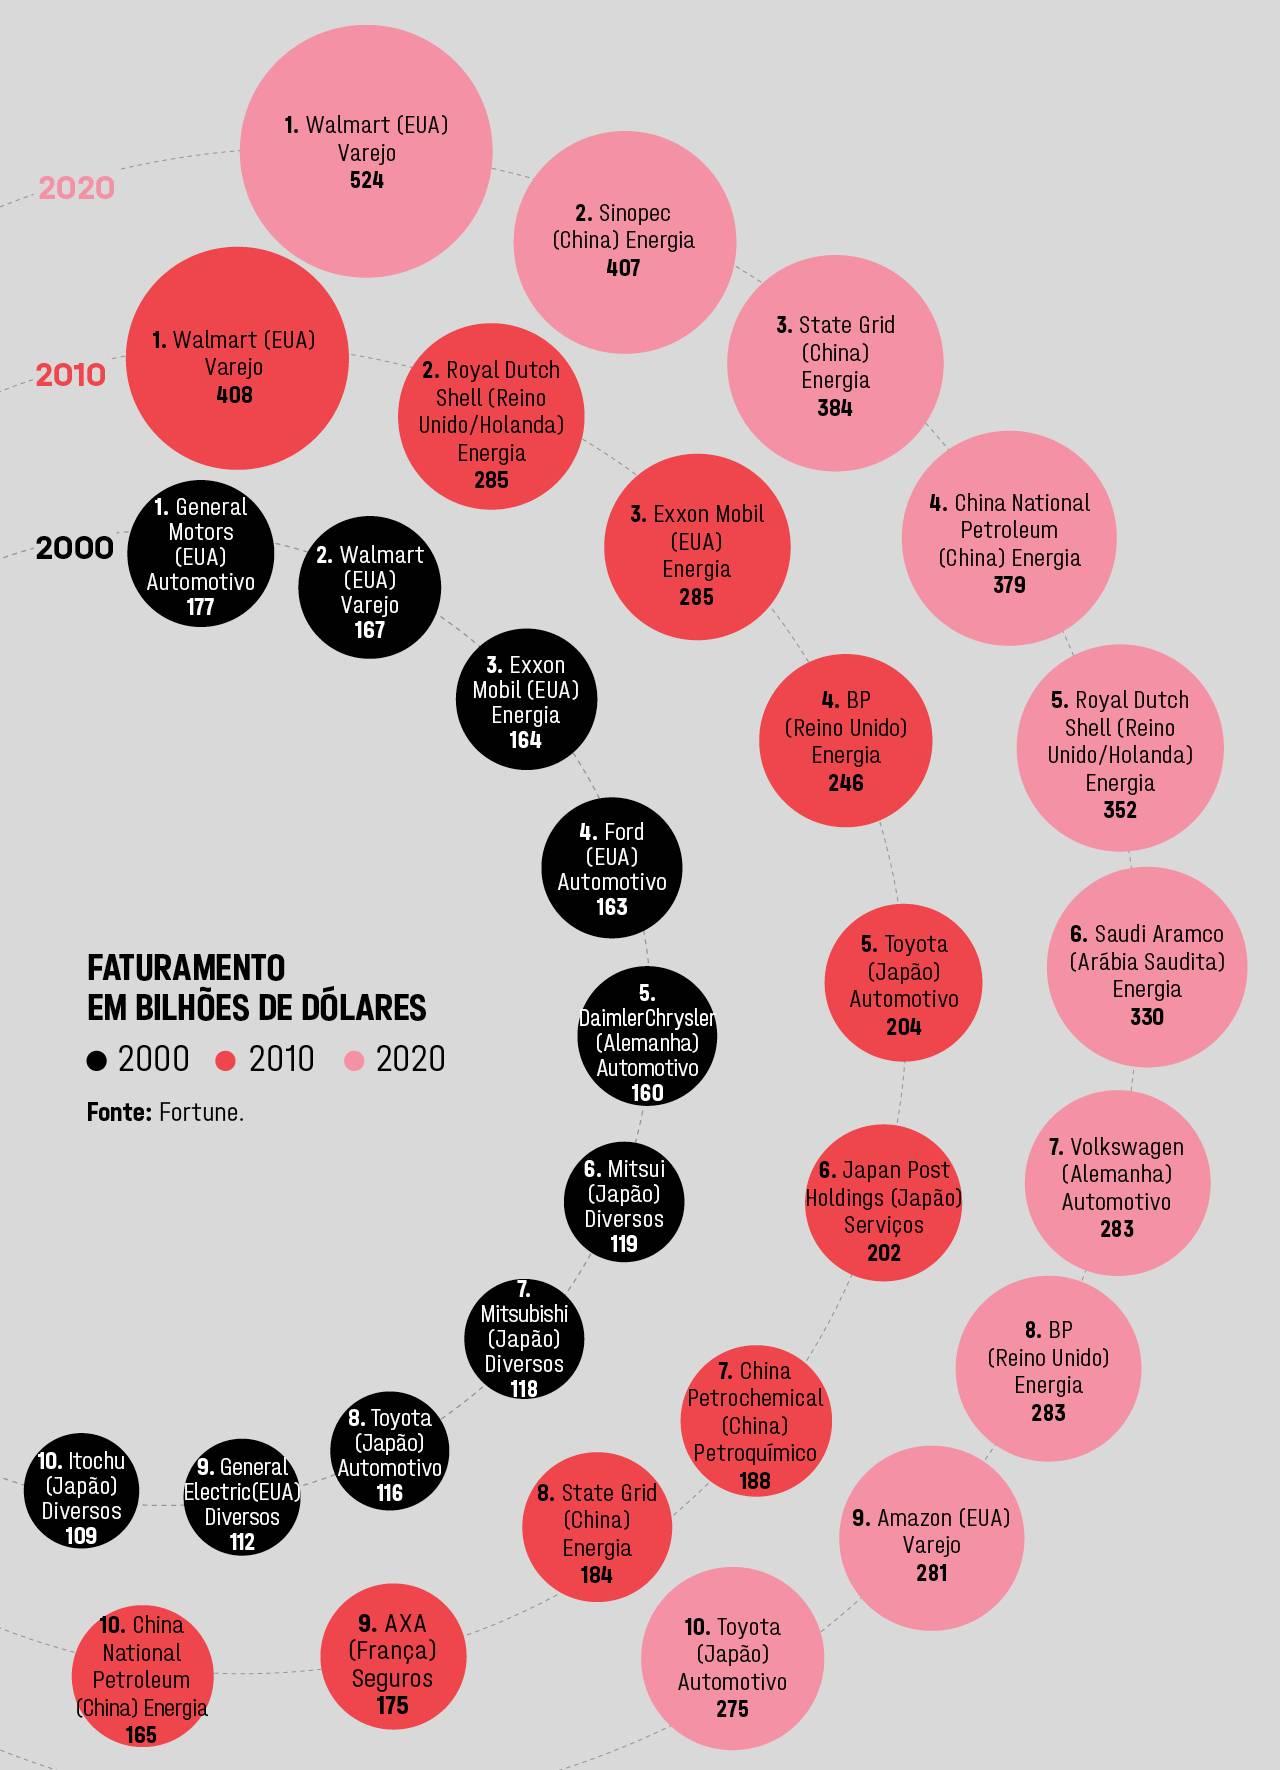 Maiores empresas do mundo Carta aos Investidores - JAN 2021 | Segmentado